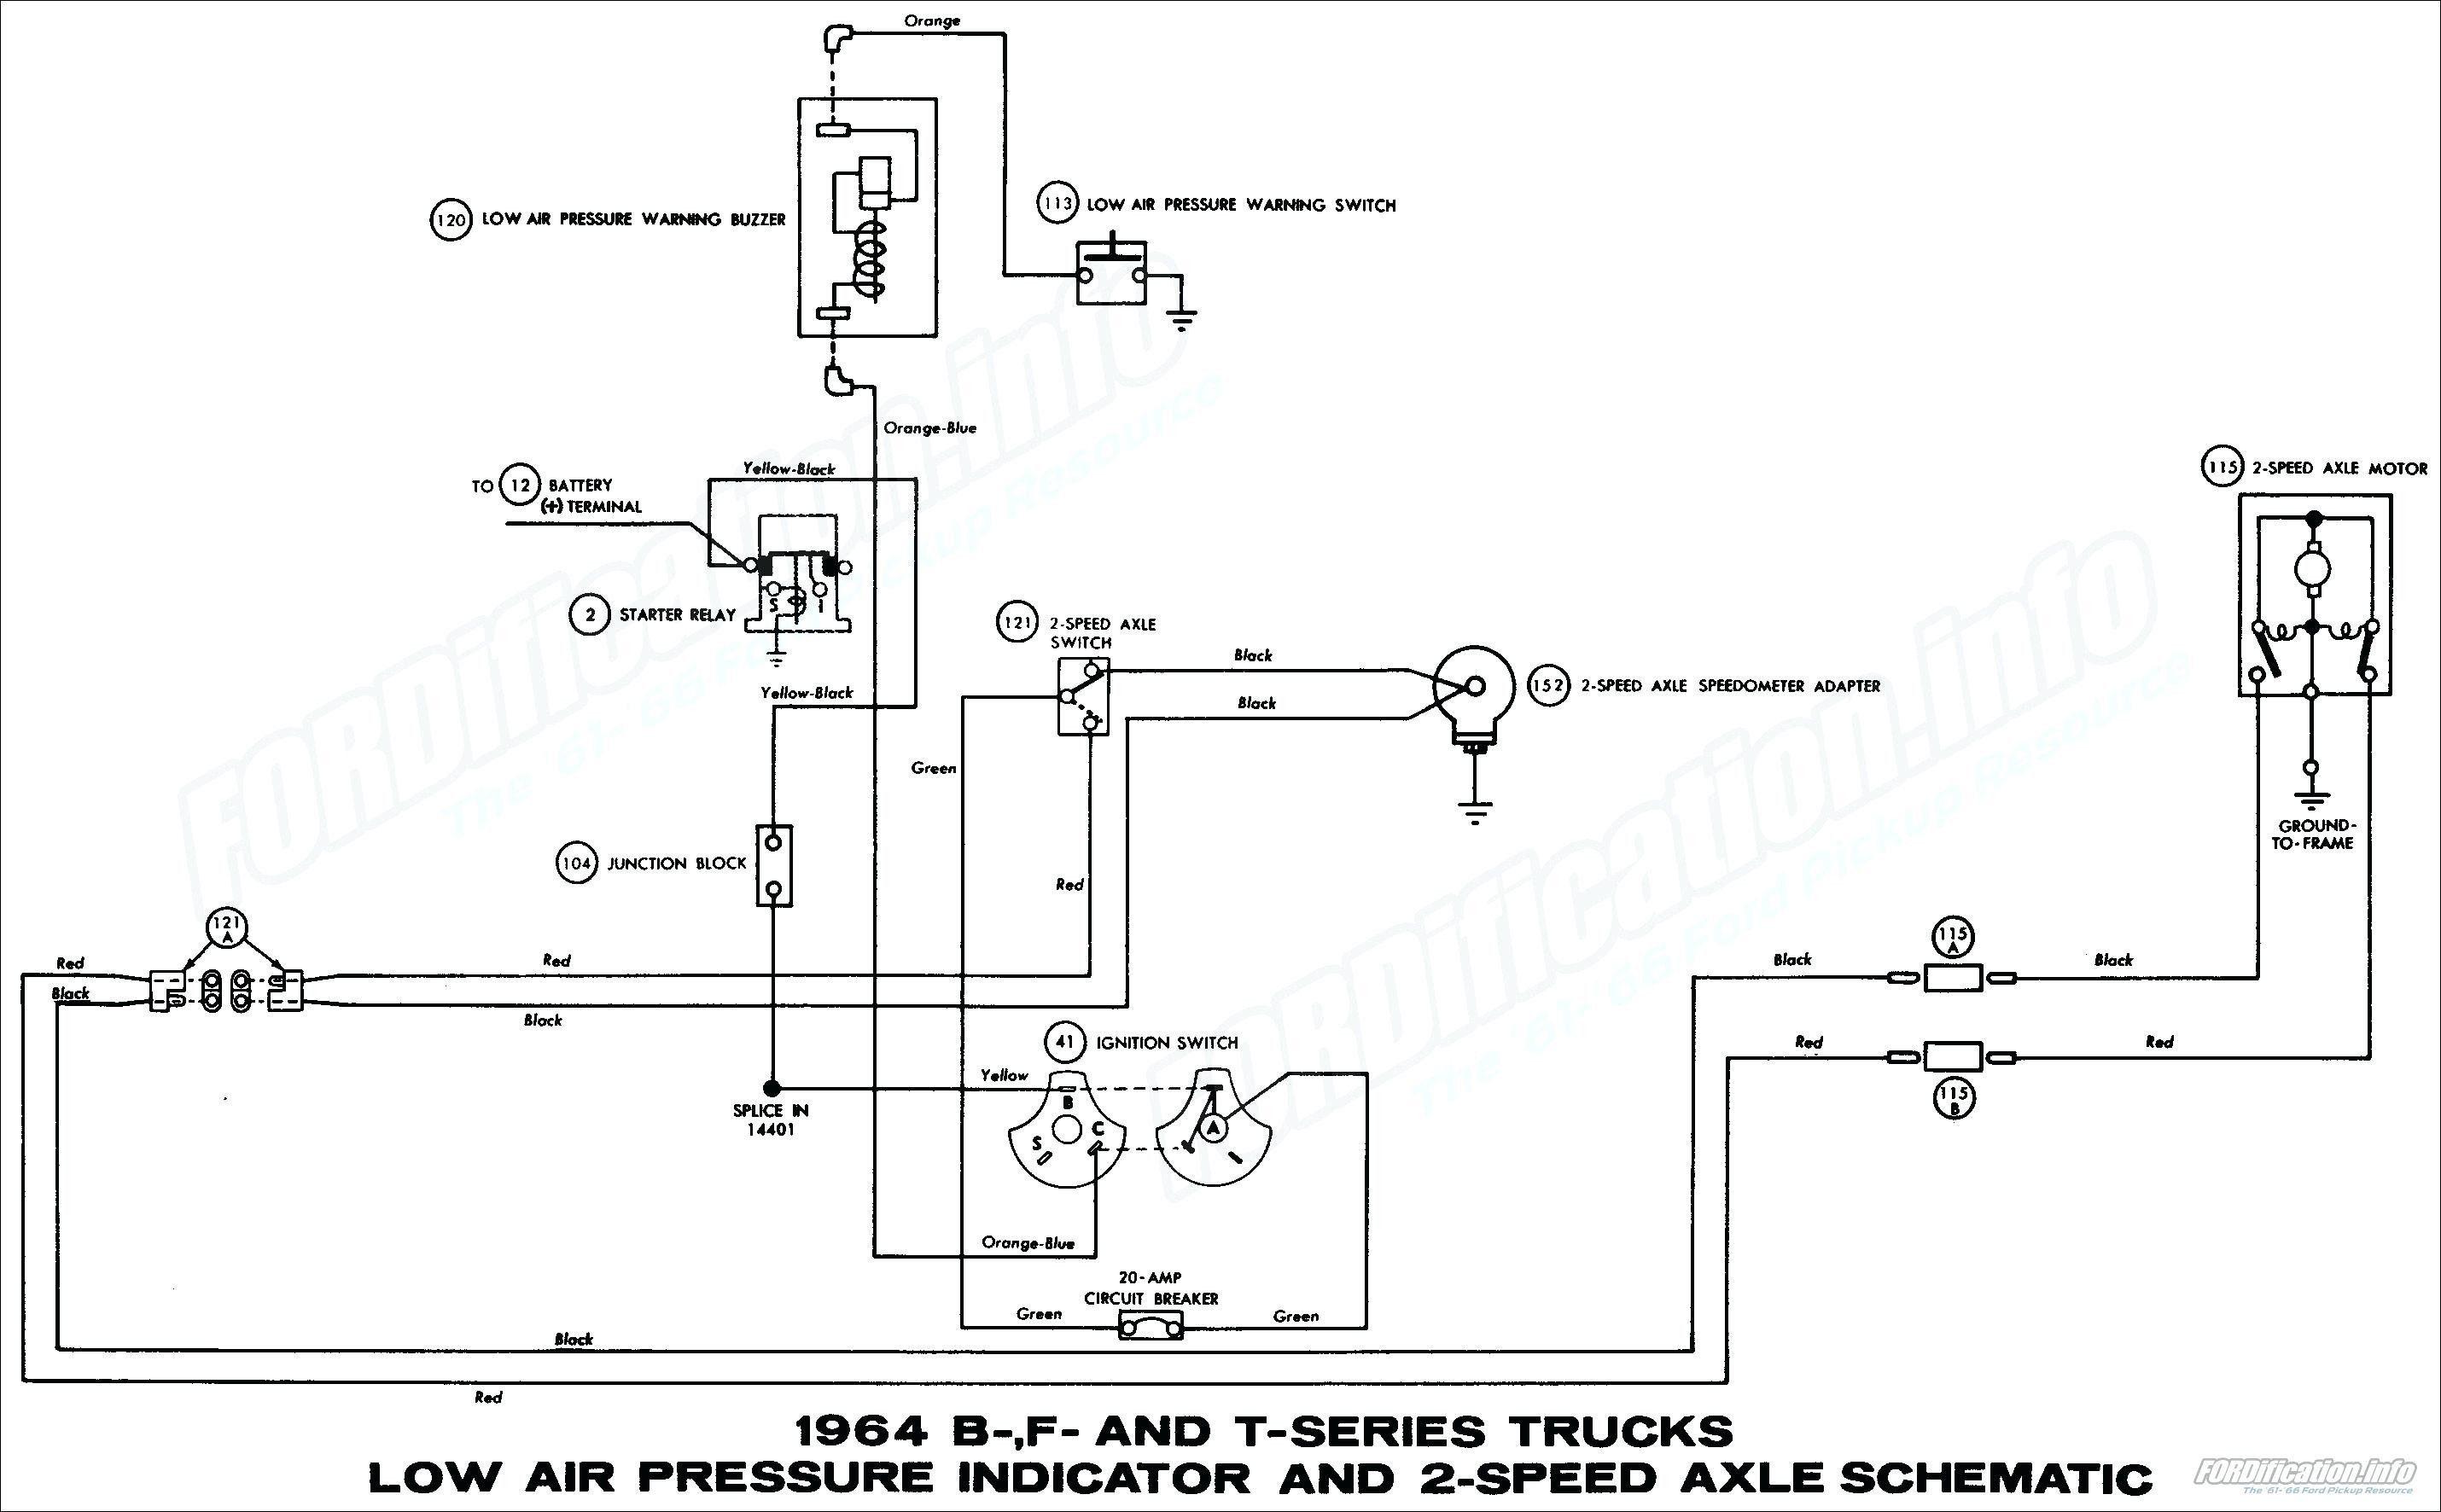 Best Of Eaton Contactor Wiring Diagram In 2020 Diagram Design Diagram Air Brake